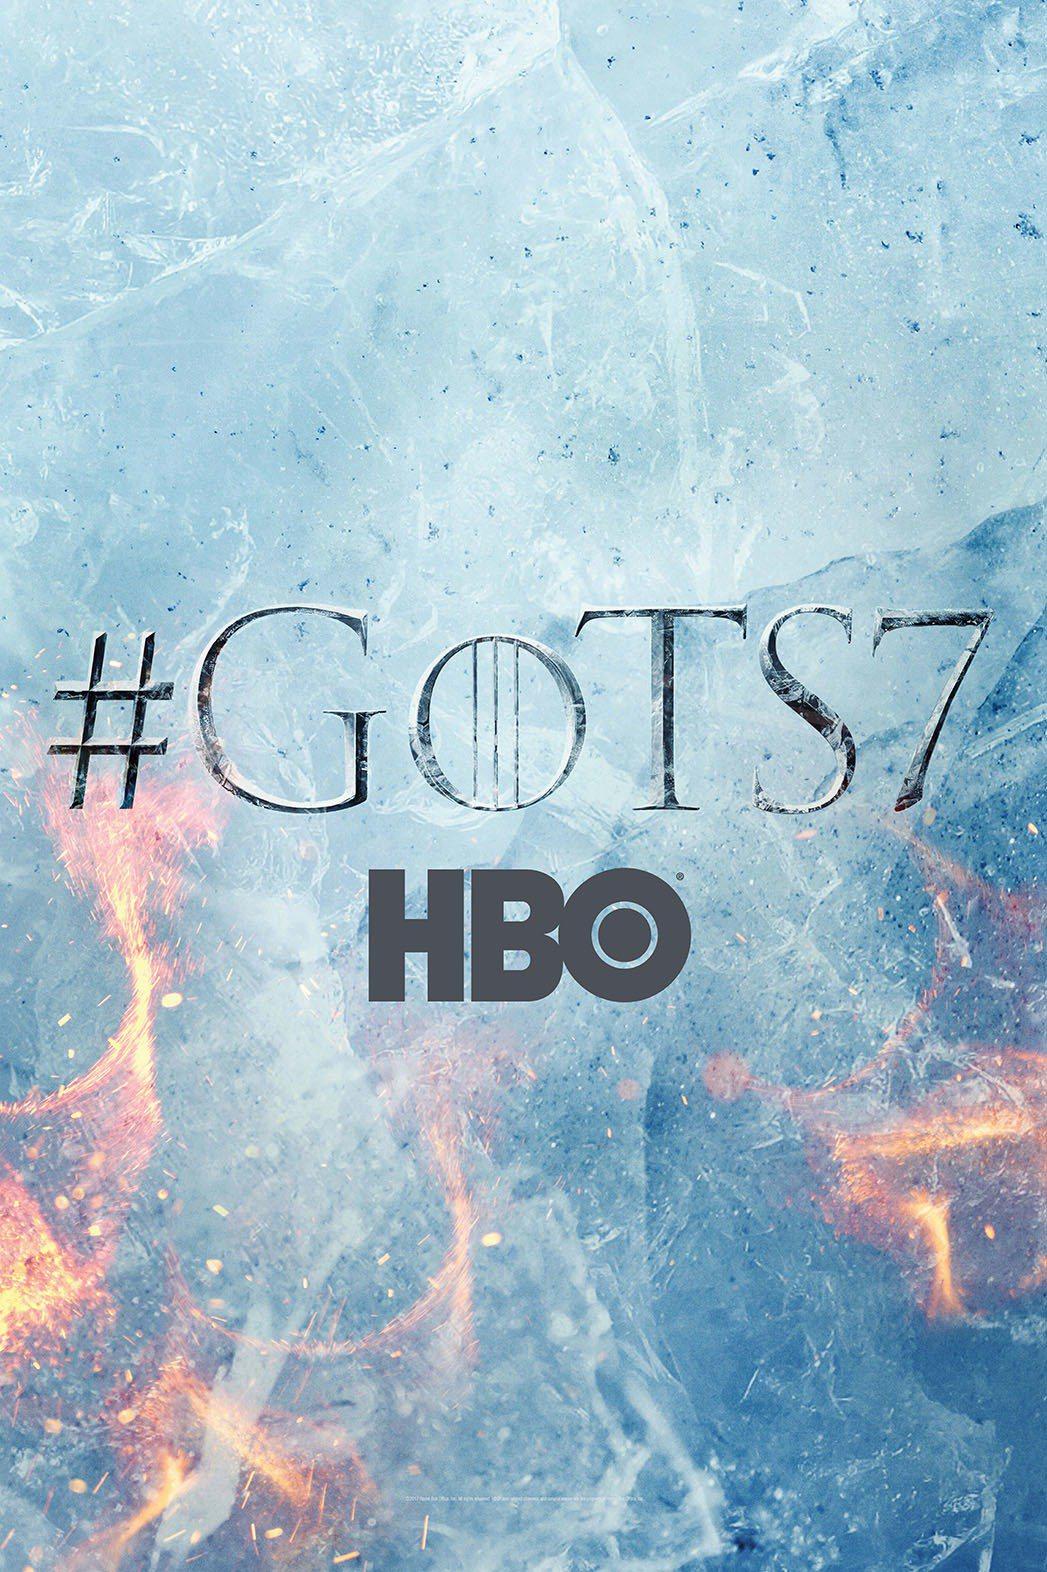 「冰與火之歌:權力遊戲」第7季前導海報,充滿意象而未洩露任何關鍵情節。圖/摘自V